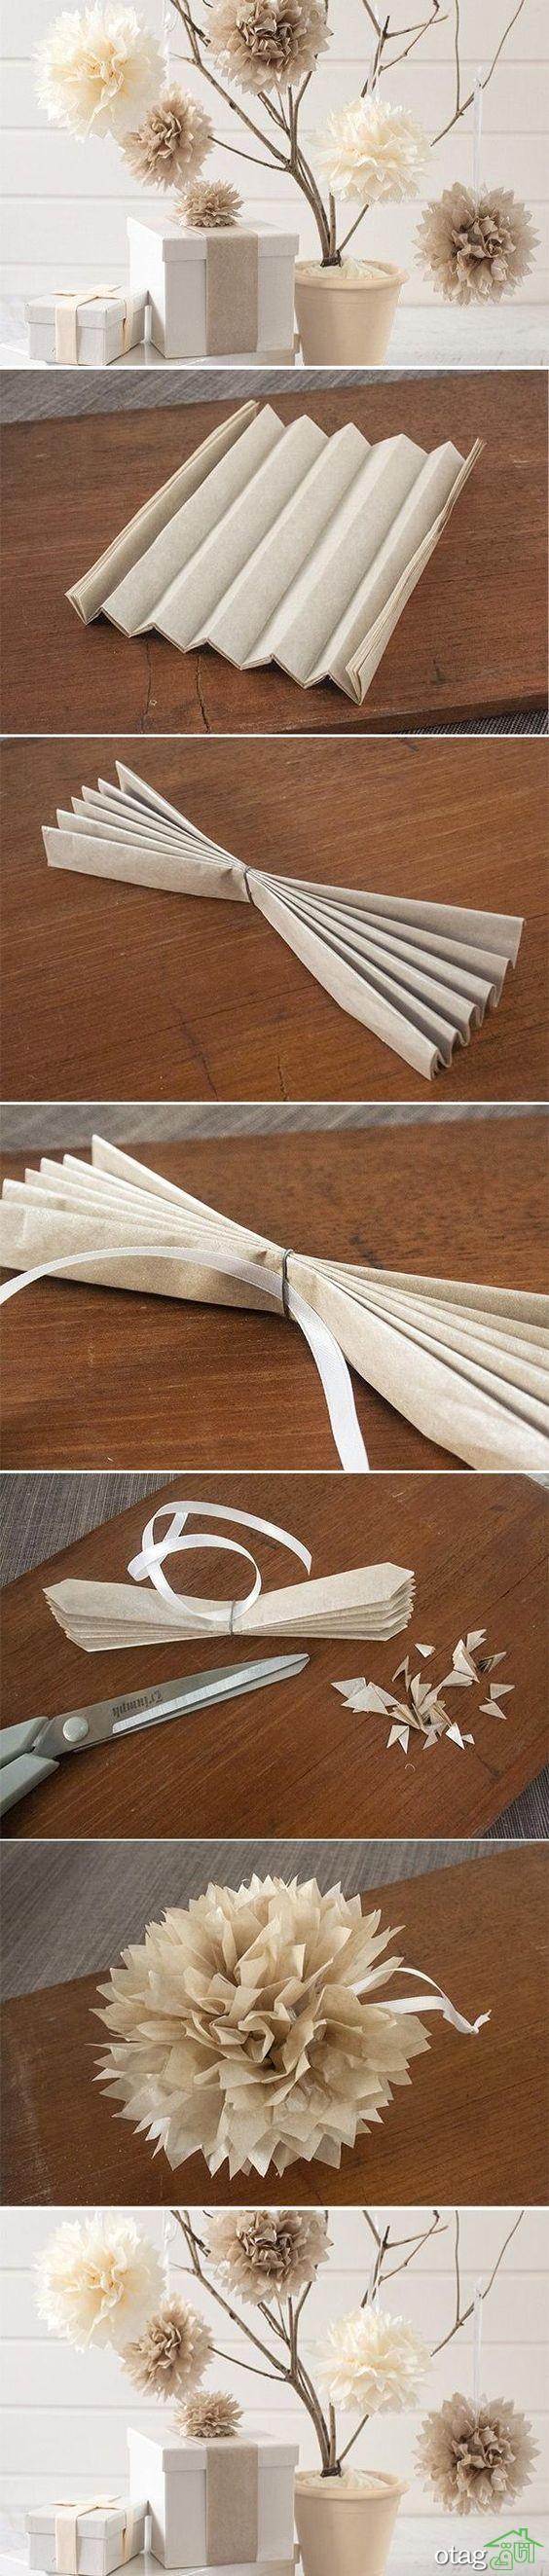 آموزش ساخت گل کاغذی (9)